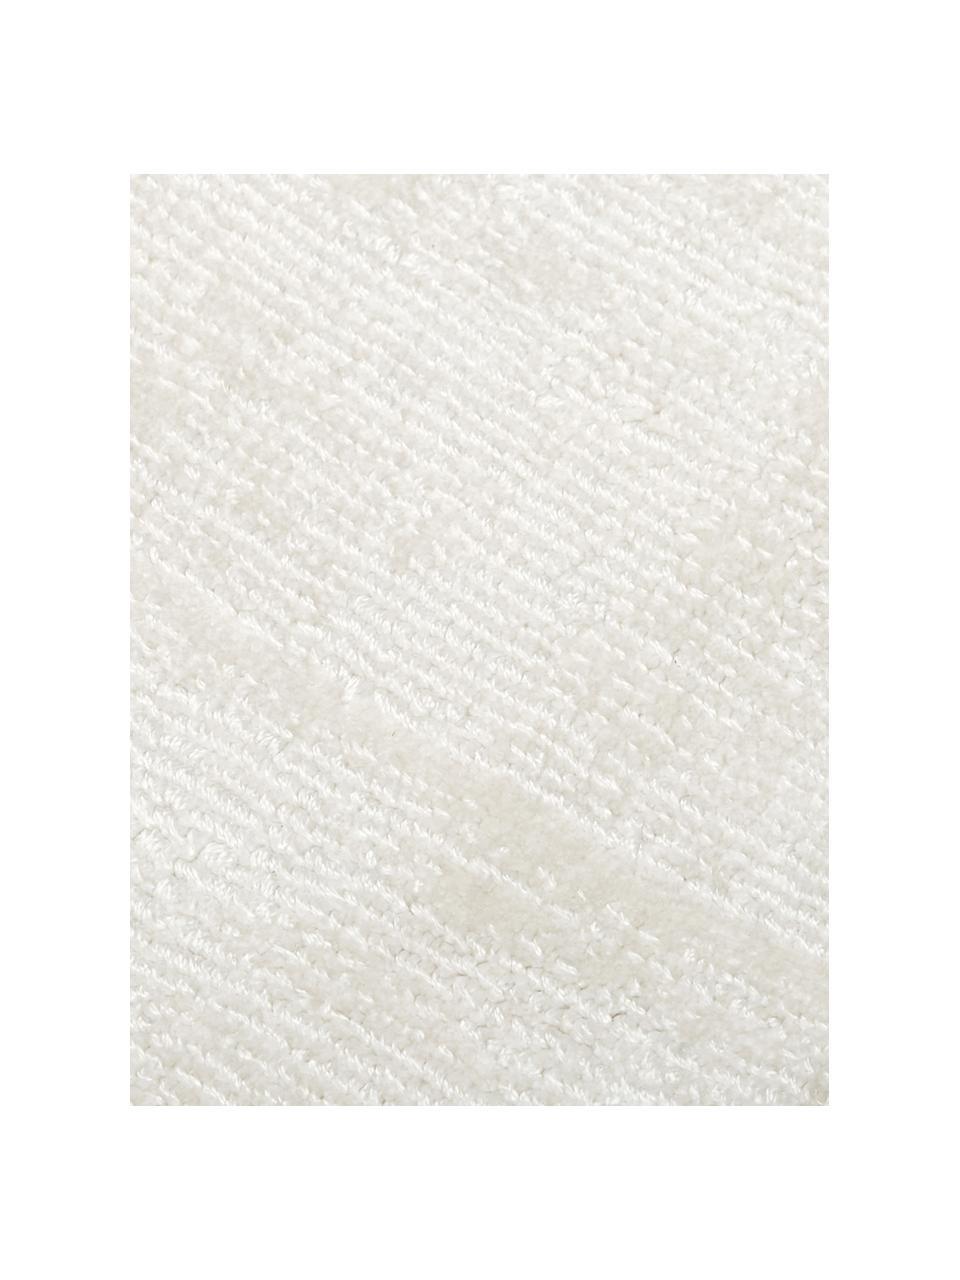 Tappeto rotondo in viscosa color avorio tessuto a mano Jane, Retro: 100% cotone, Avorio, Ø 150 cm (taglia M)